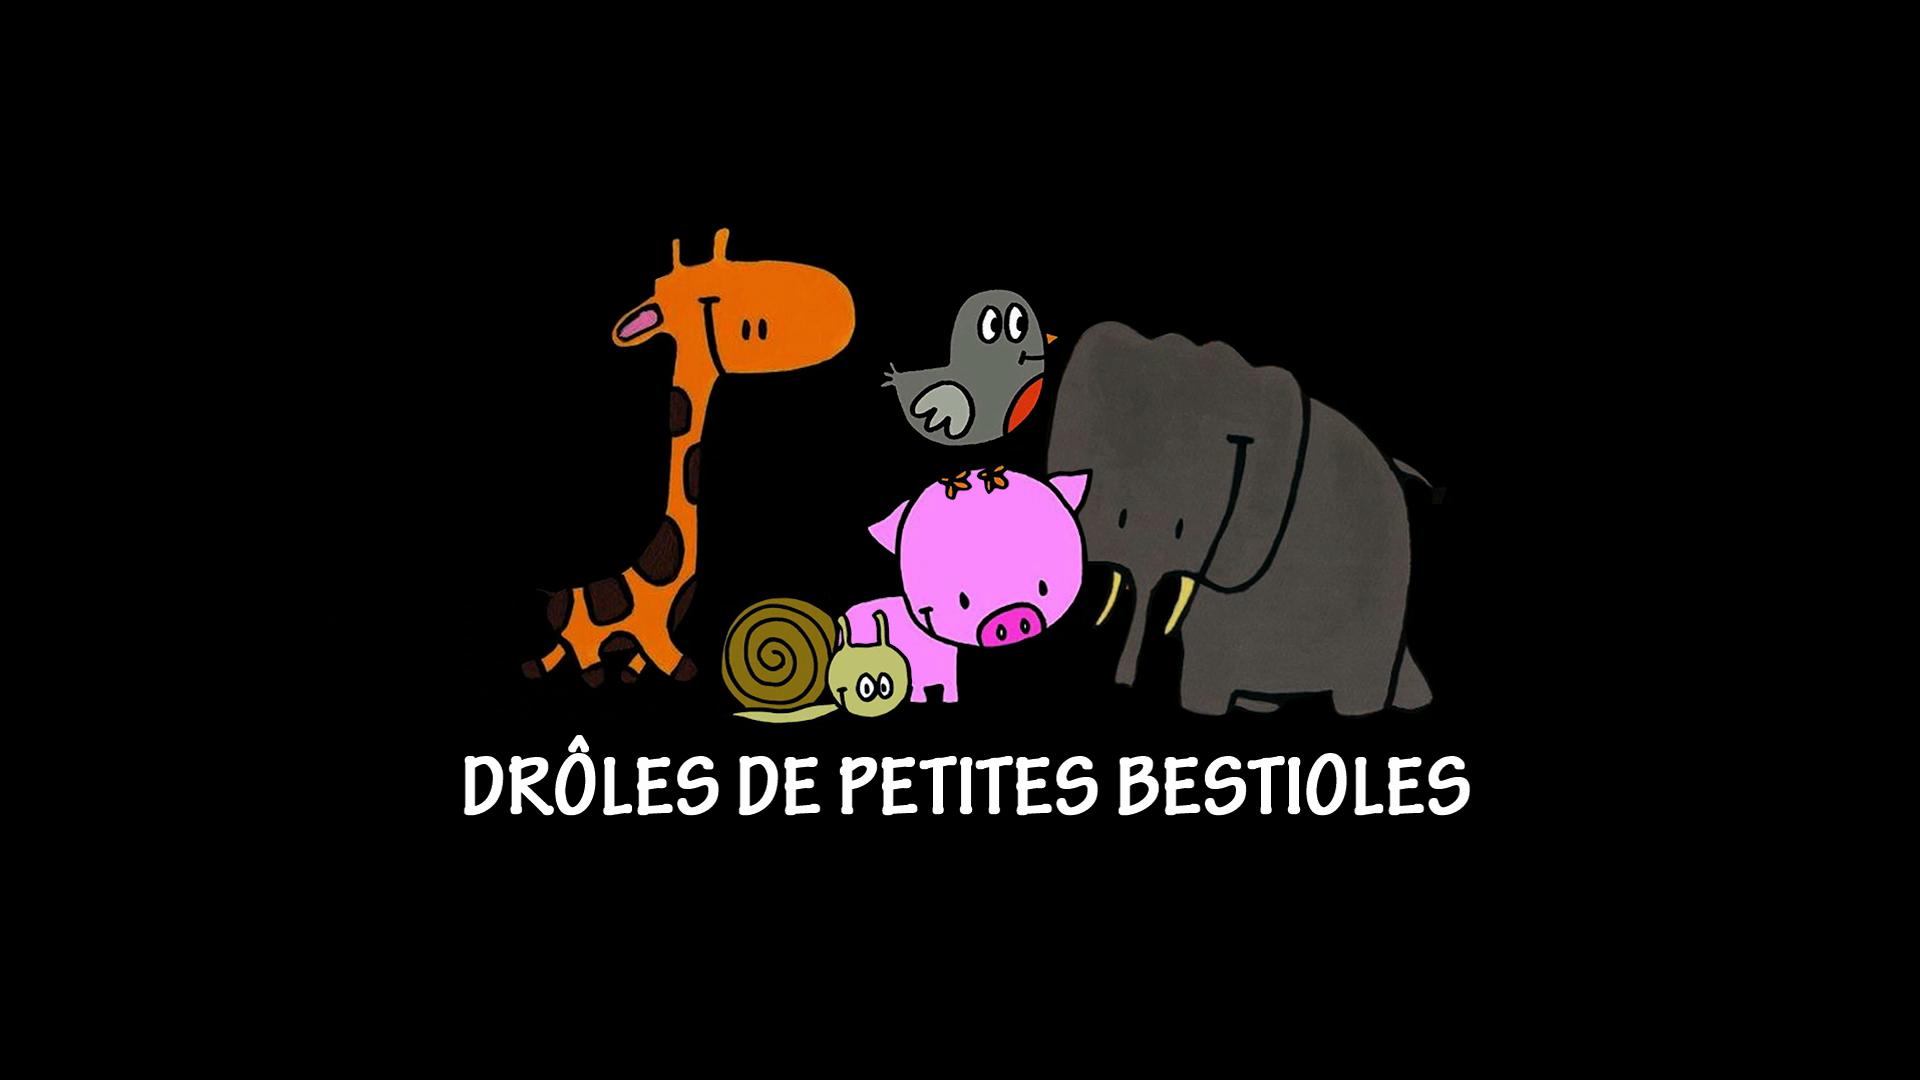 bestioles.net